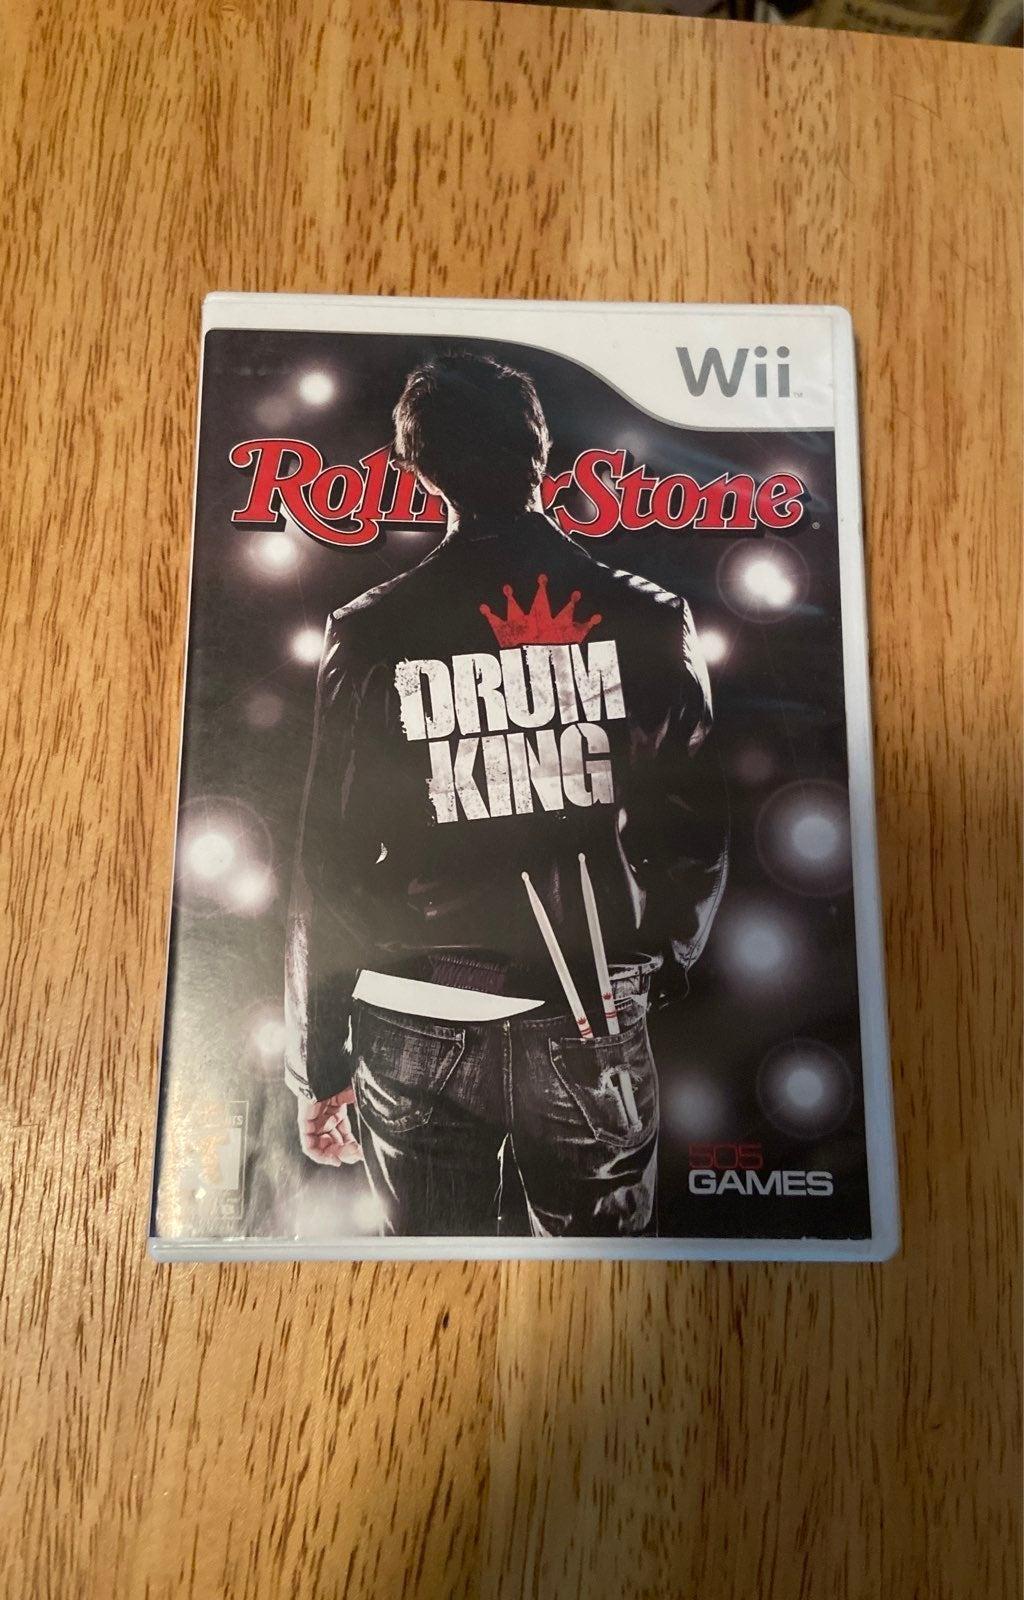 Nintendo wii game DRUM KING